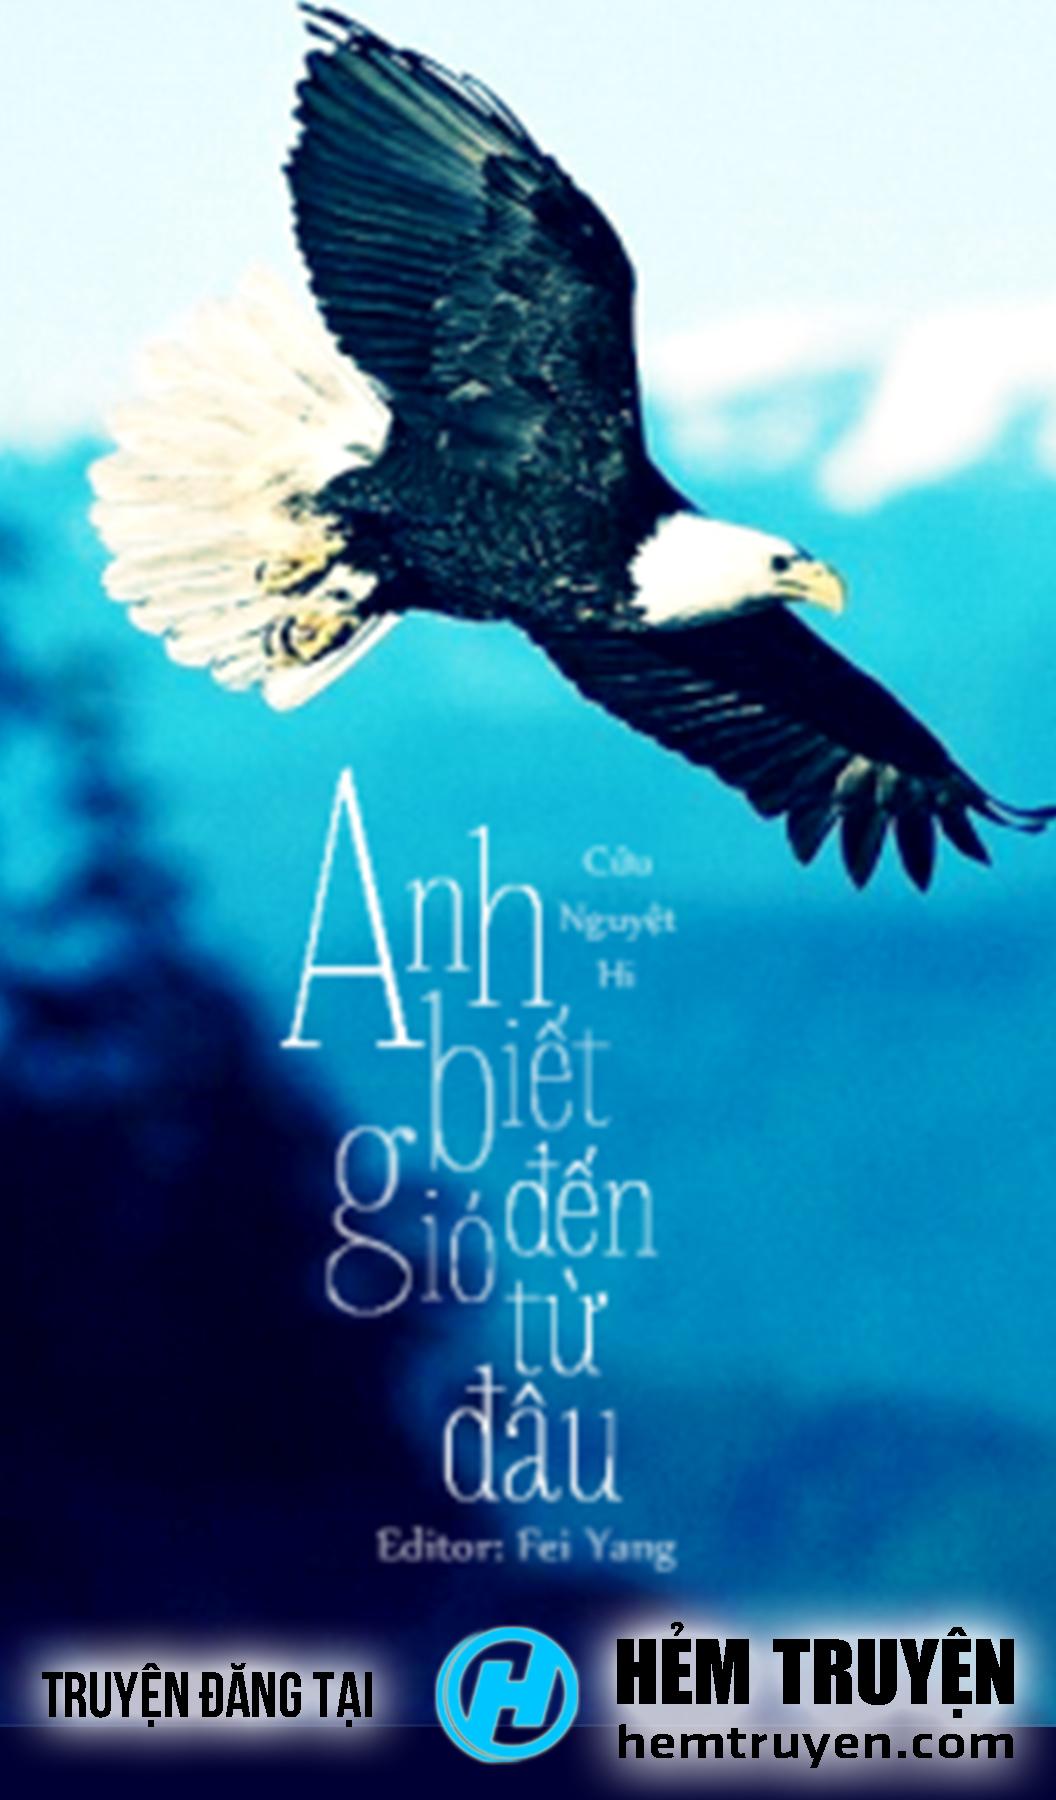 Đọc truyện Anh Biết Gió Đến Từ Đâu của Cửu Nguyệt Hi trên HEMTRUYEN.COM